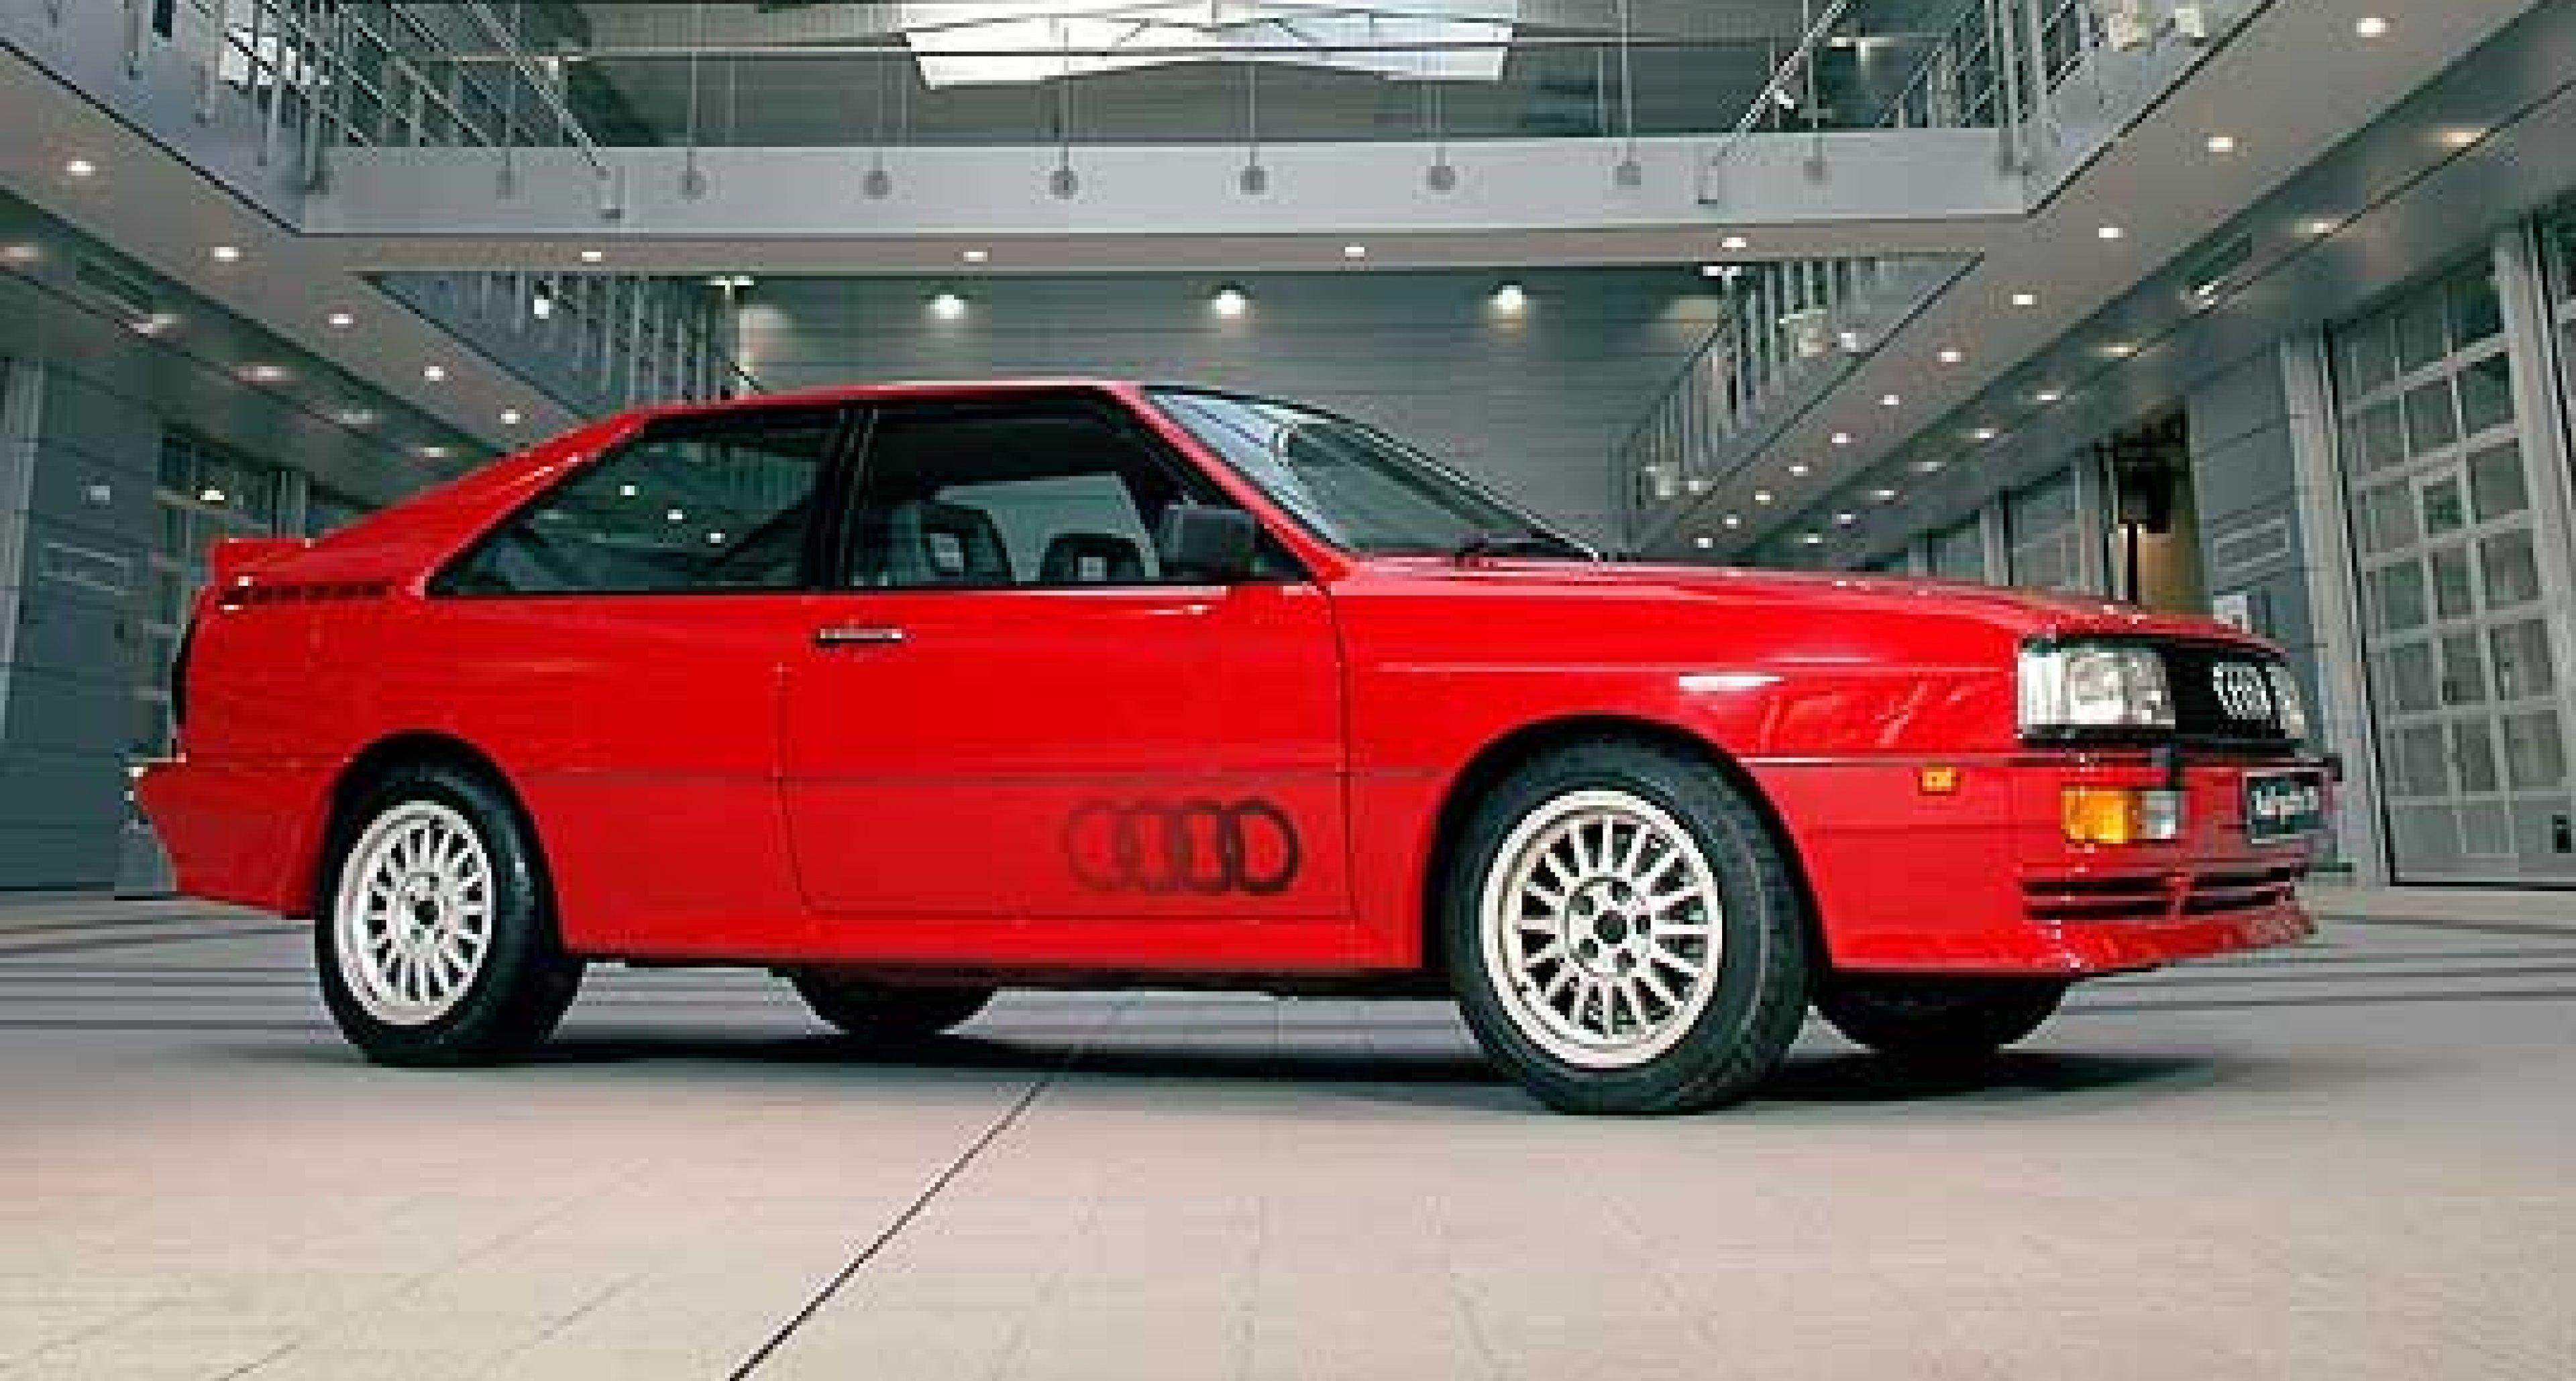 Audi quattro – One Very Careful Owner